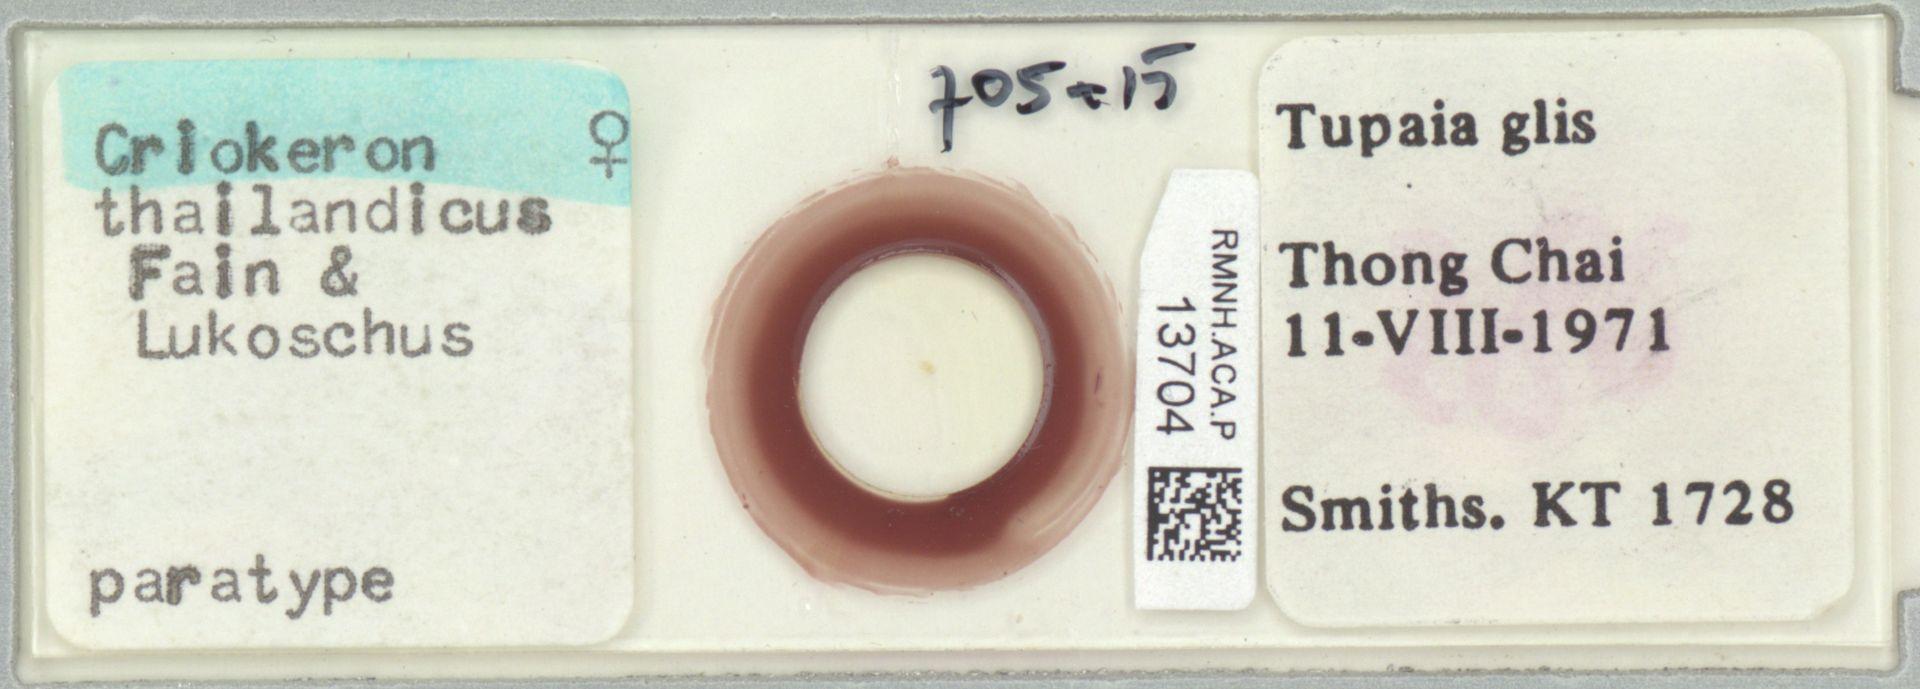 RMNH.ACA.P.13704   Criokeron thailandicus Fain & Lukoschus